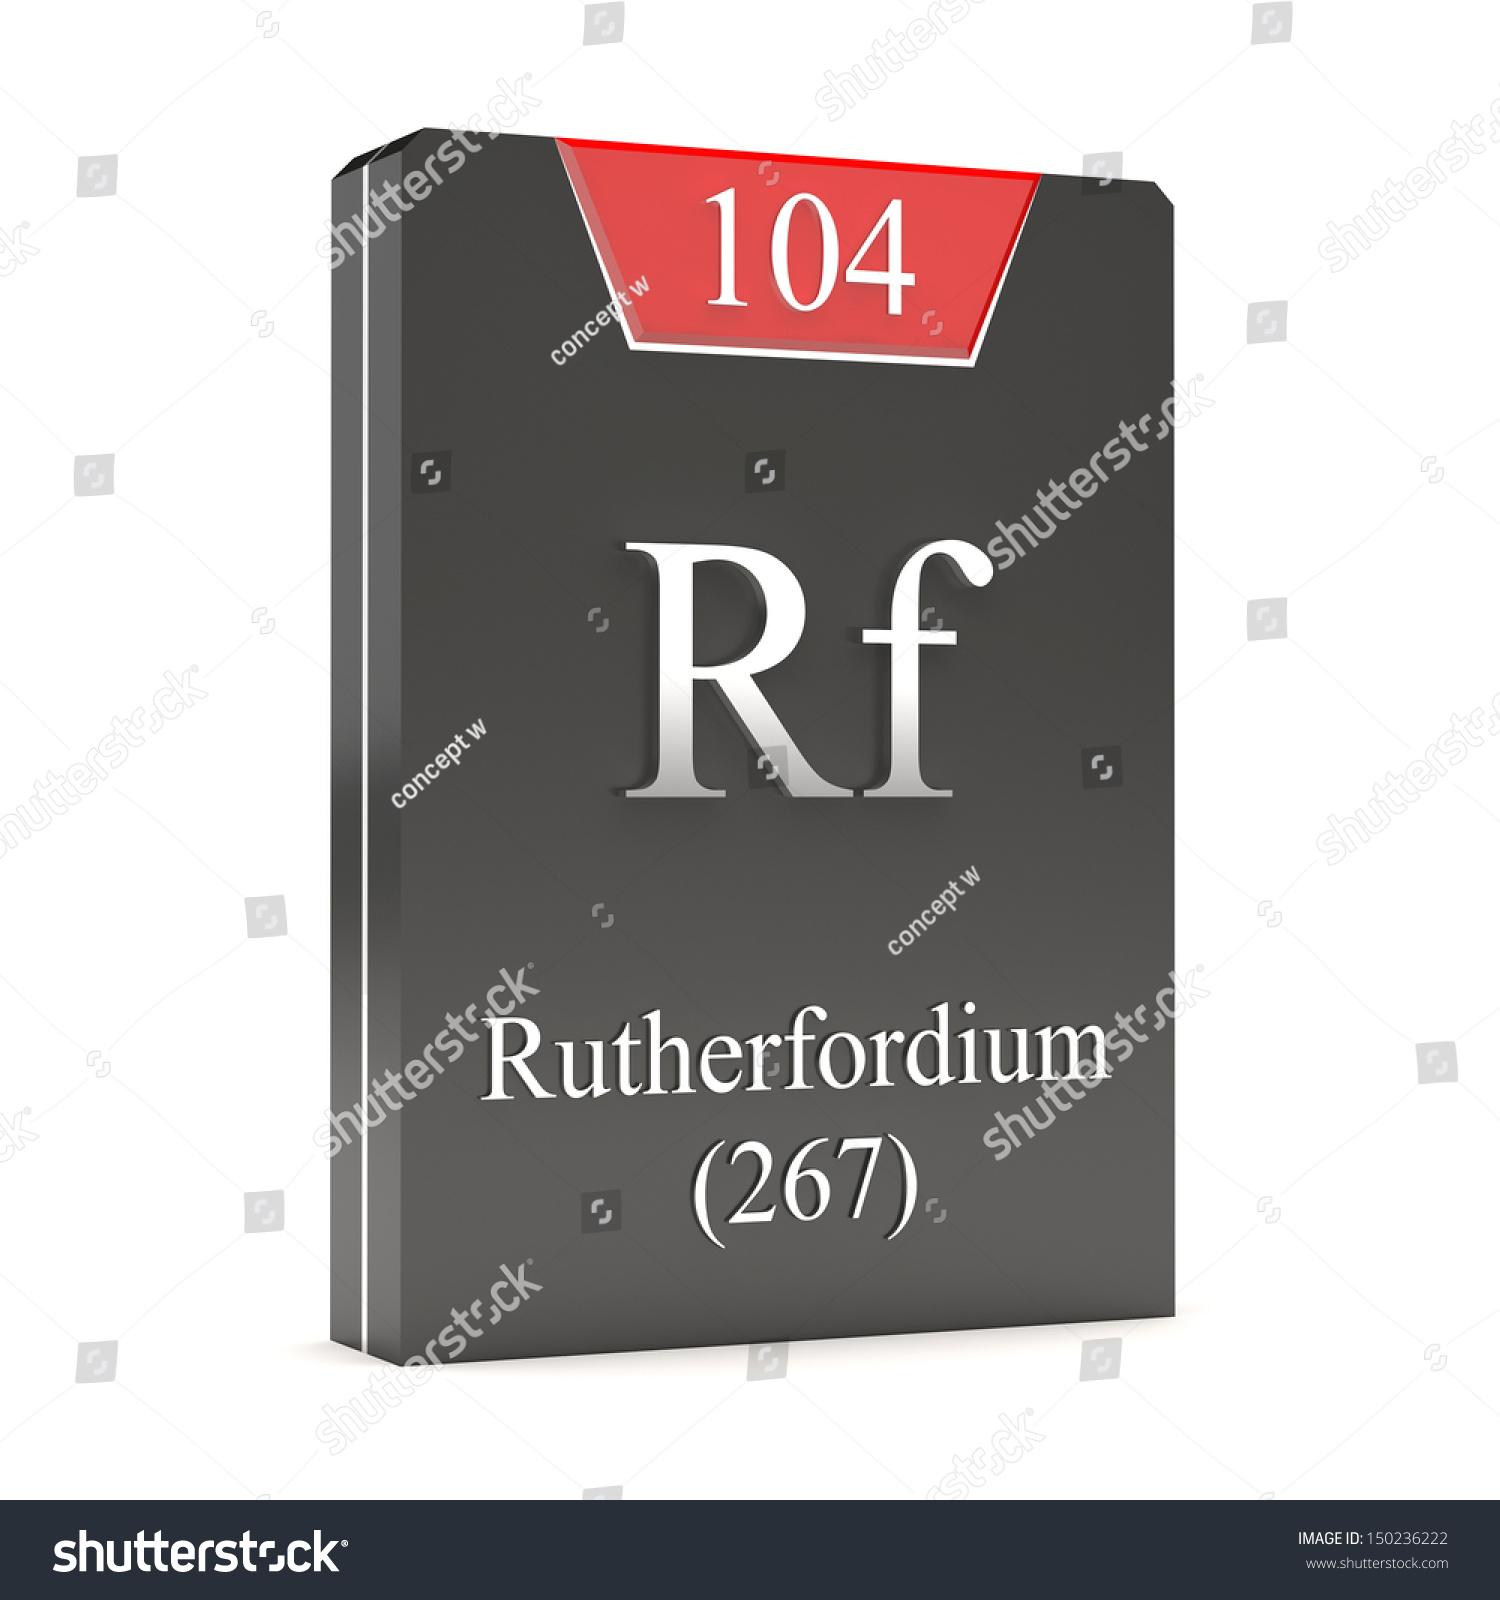 Rutherfordium periodic table gallery periodic table images rutherfordium rf 104 periodic table stock illustration 150236222 rutherfordium rf 104 from periodic table gamestrikefo gallery gamestrikefo Image collections